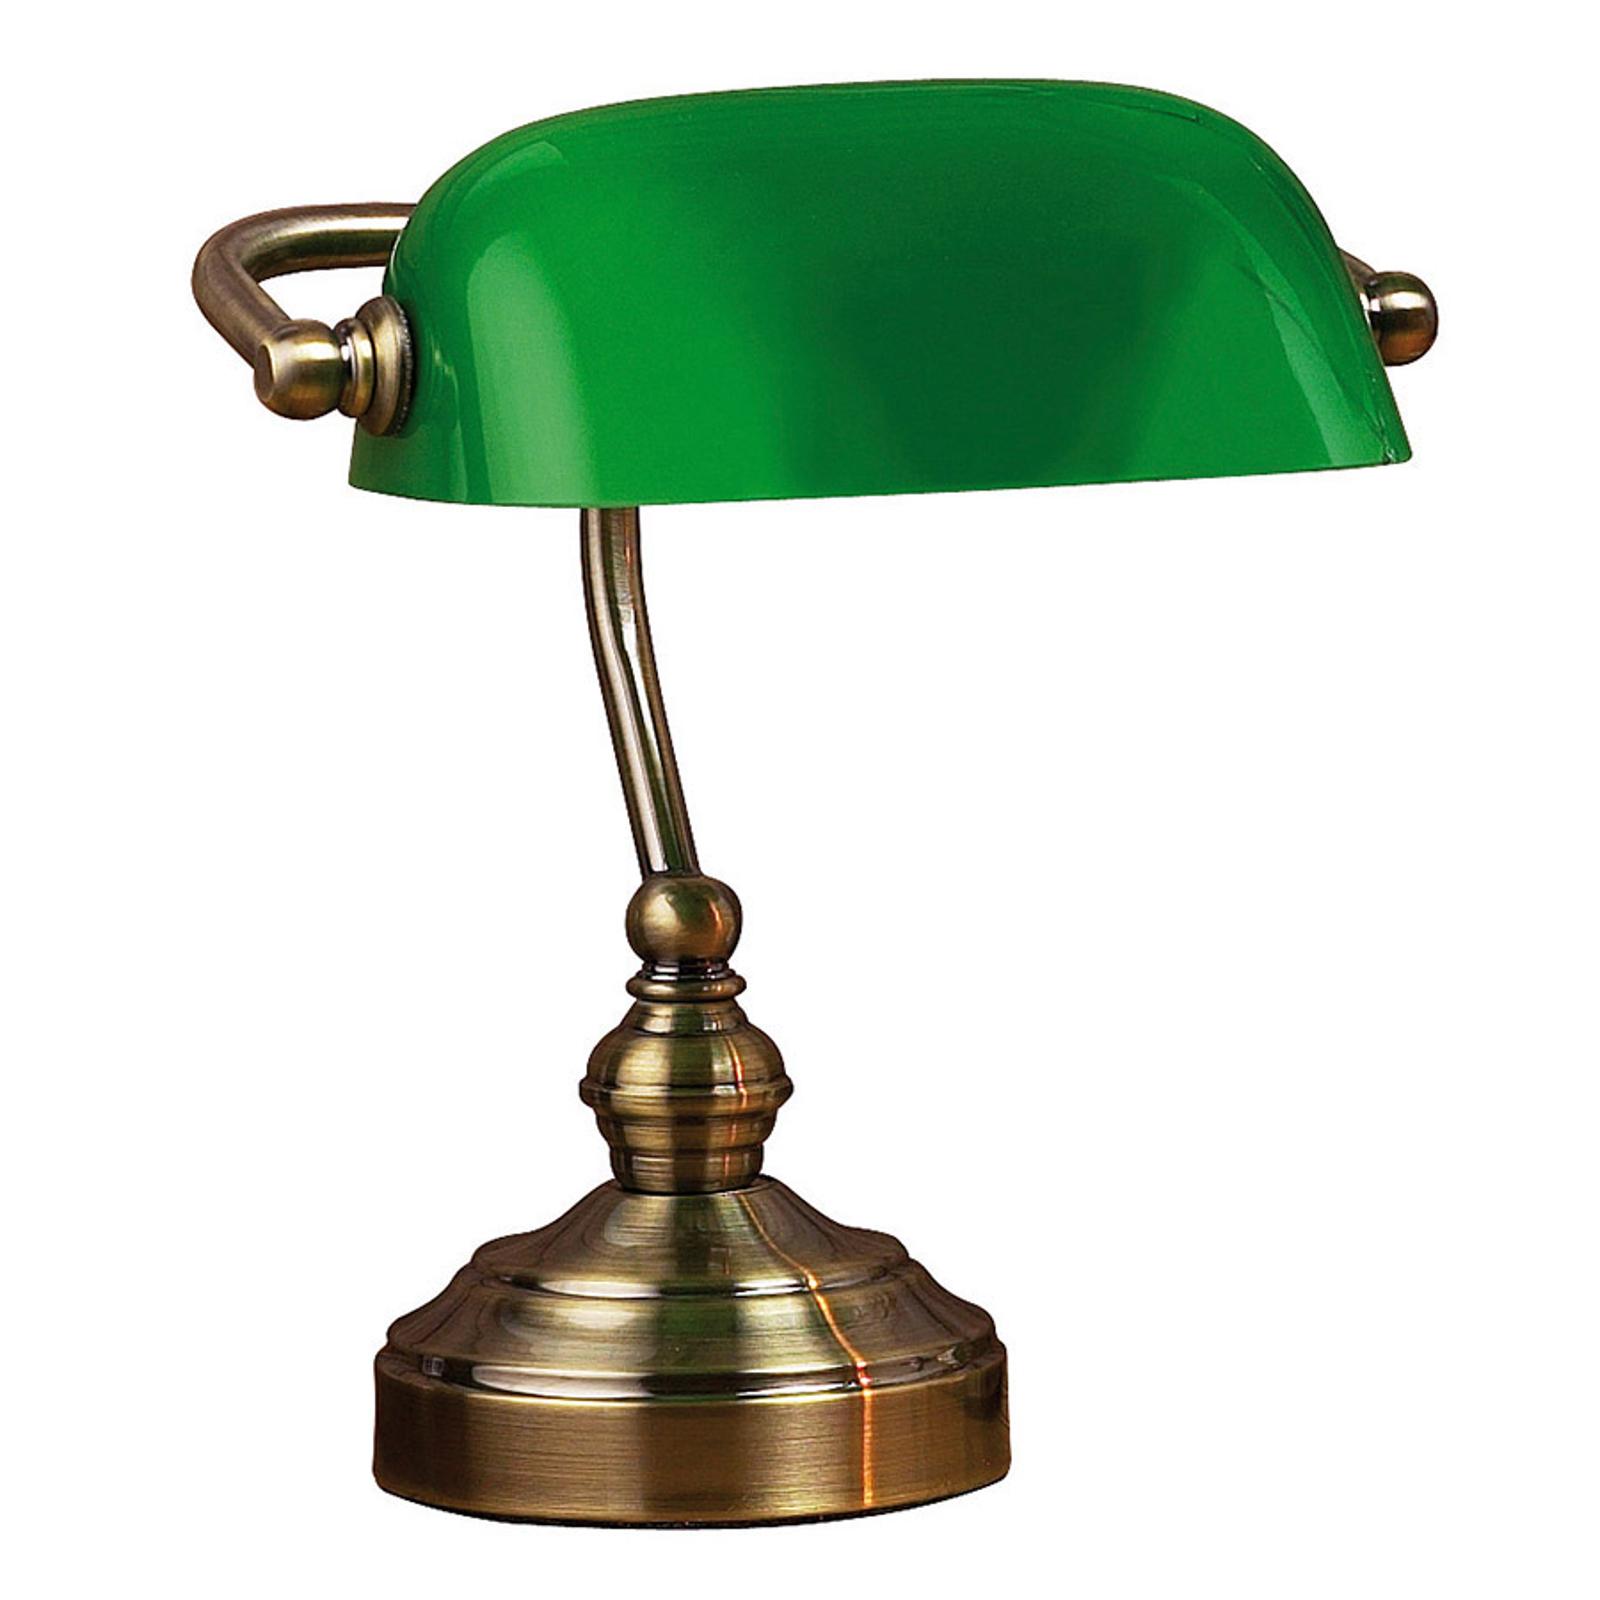 Tischleuchte Bankers, Höhe 25 cm grün